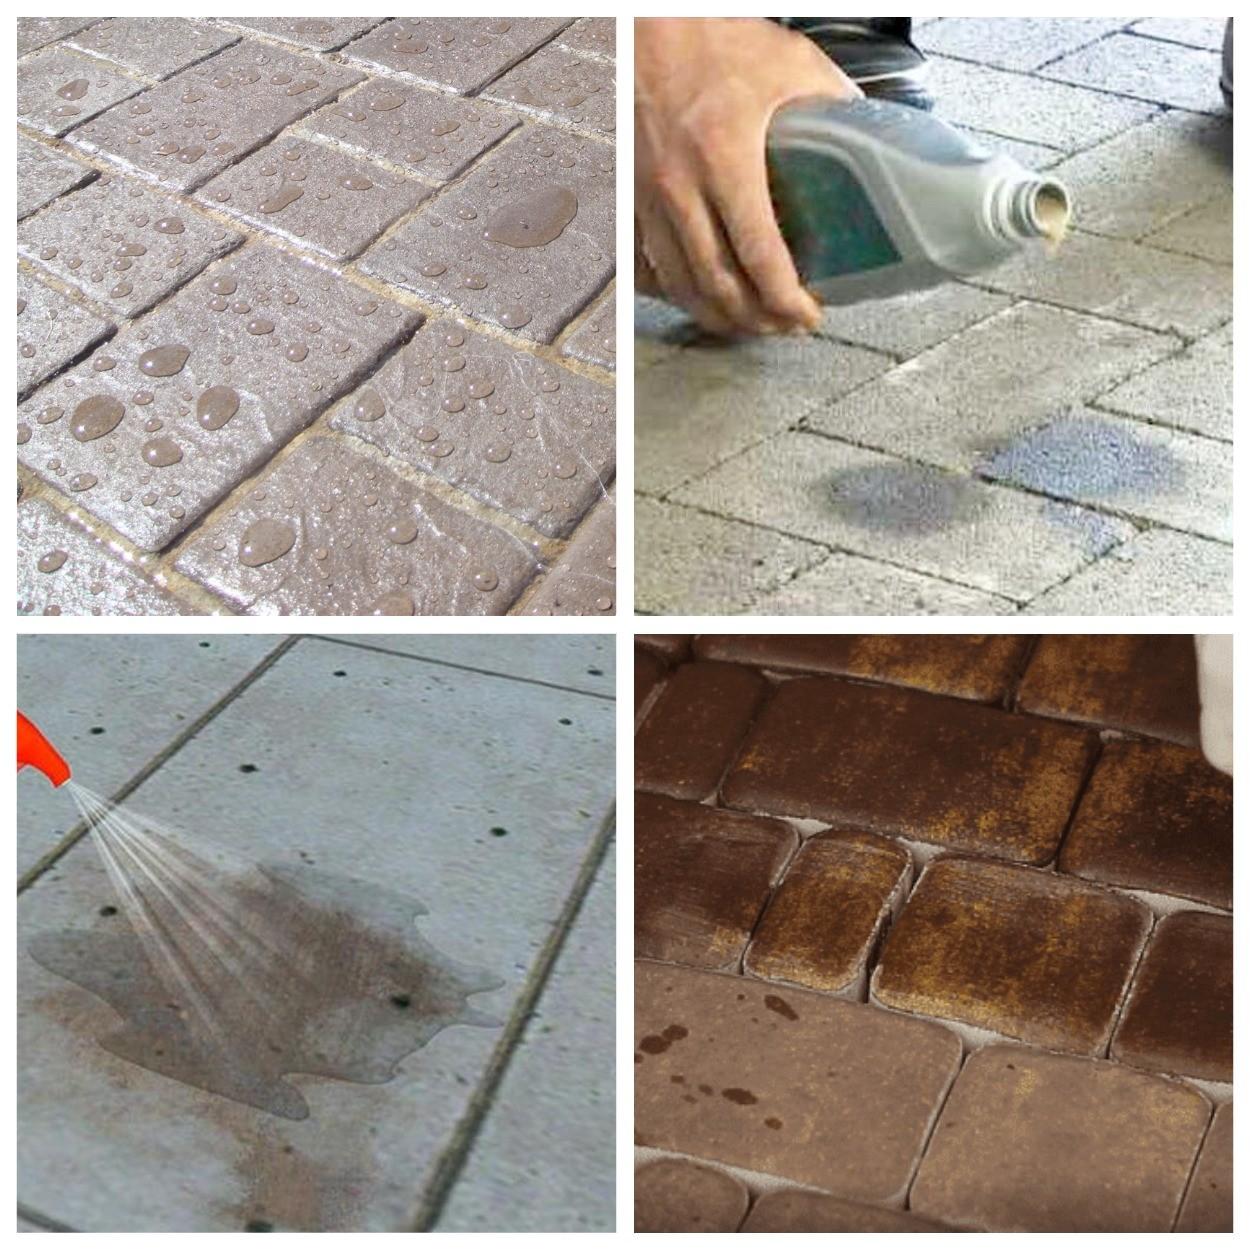 изображение следов лака и растворителя на тротуарной плитке